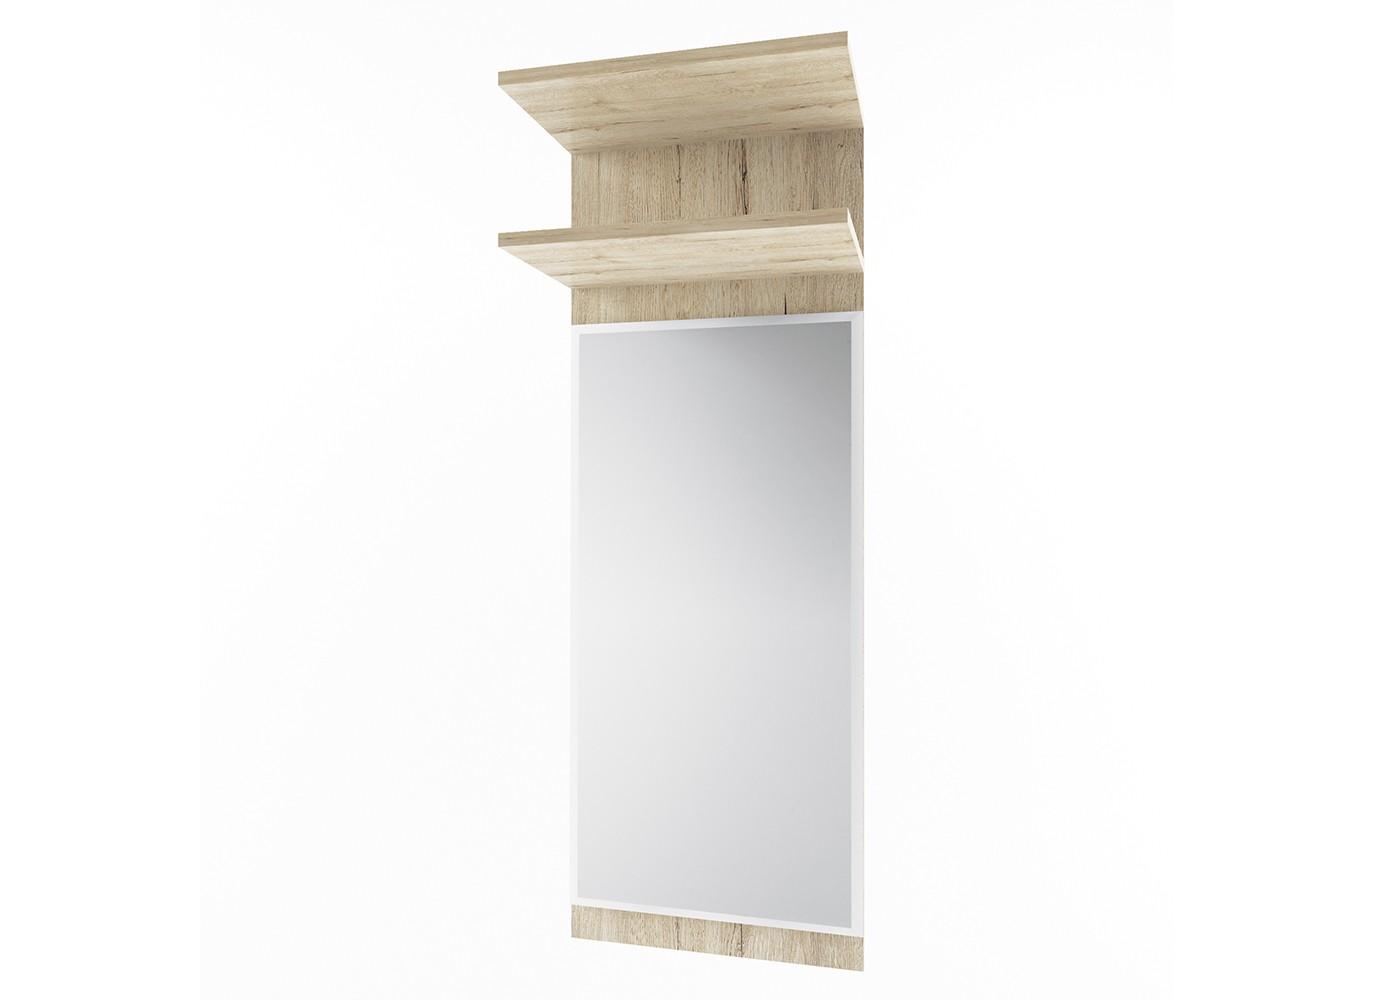 Зеркало OscarНастенные зеркала<br>Коллекция OSCAR напрямую связана с современным европейским дизайном. Использование плиты дуб санремо в стиле кантри в сочетании с современными формами придаст Вашему интерьеру  неповторимый характер и дизайн. Яркое отличие коллекции OSCAR - современный стиль и хорошо продуманный функционал.&amp;amp;nbsp;<br><br>Material: ДСП<br>Ширина см: 40<br>Высота см: 110<br>Глубина см: 25